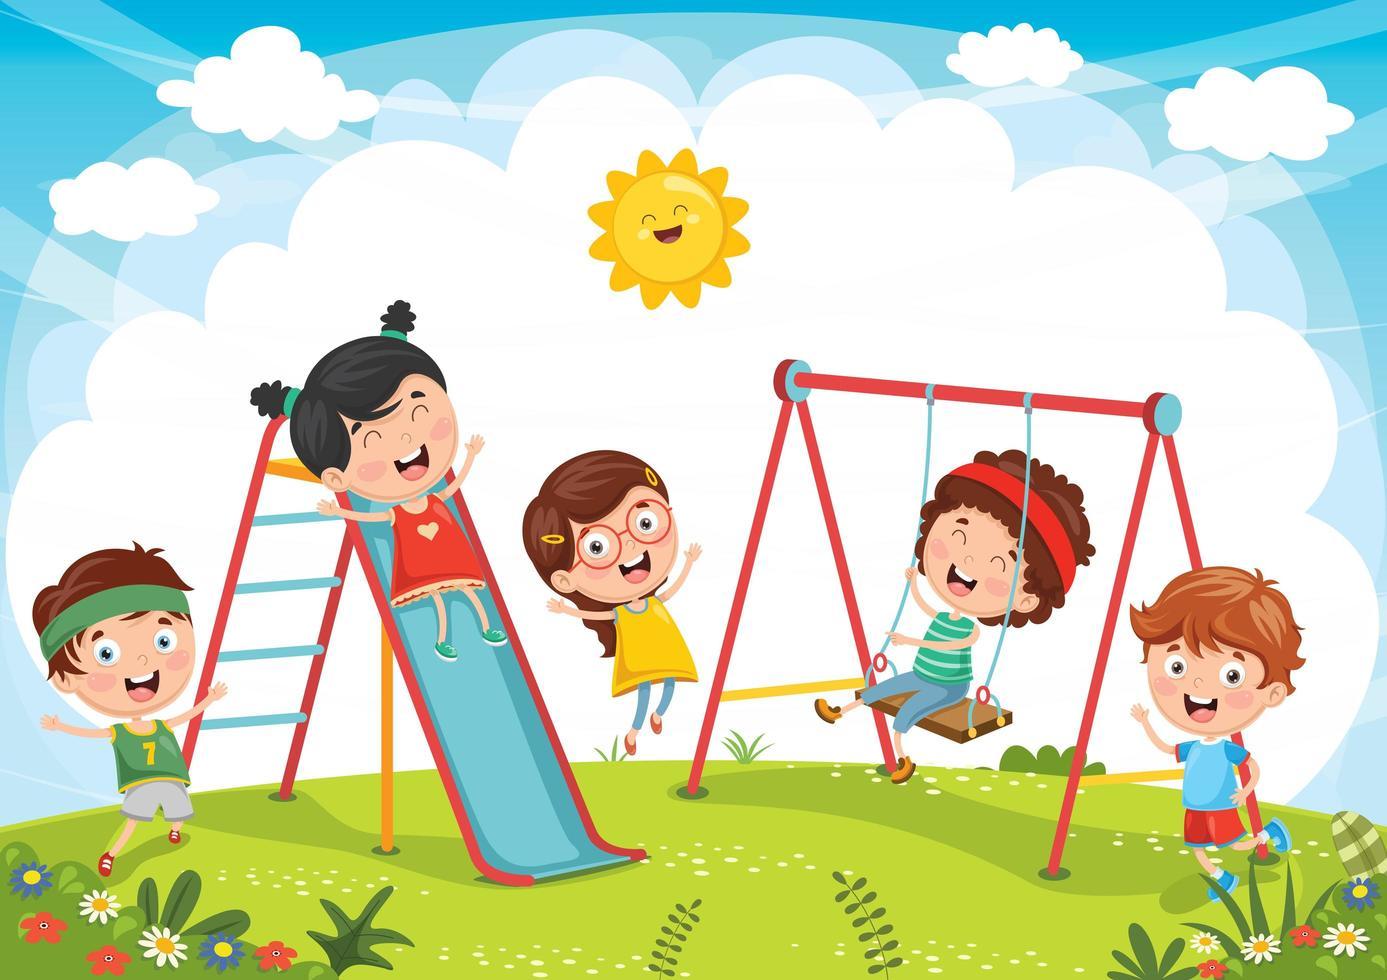 crianças brincando no playground vetor